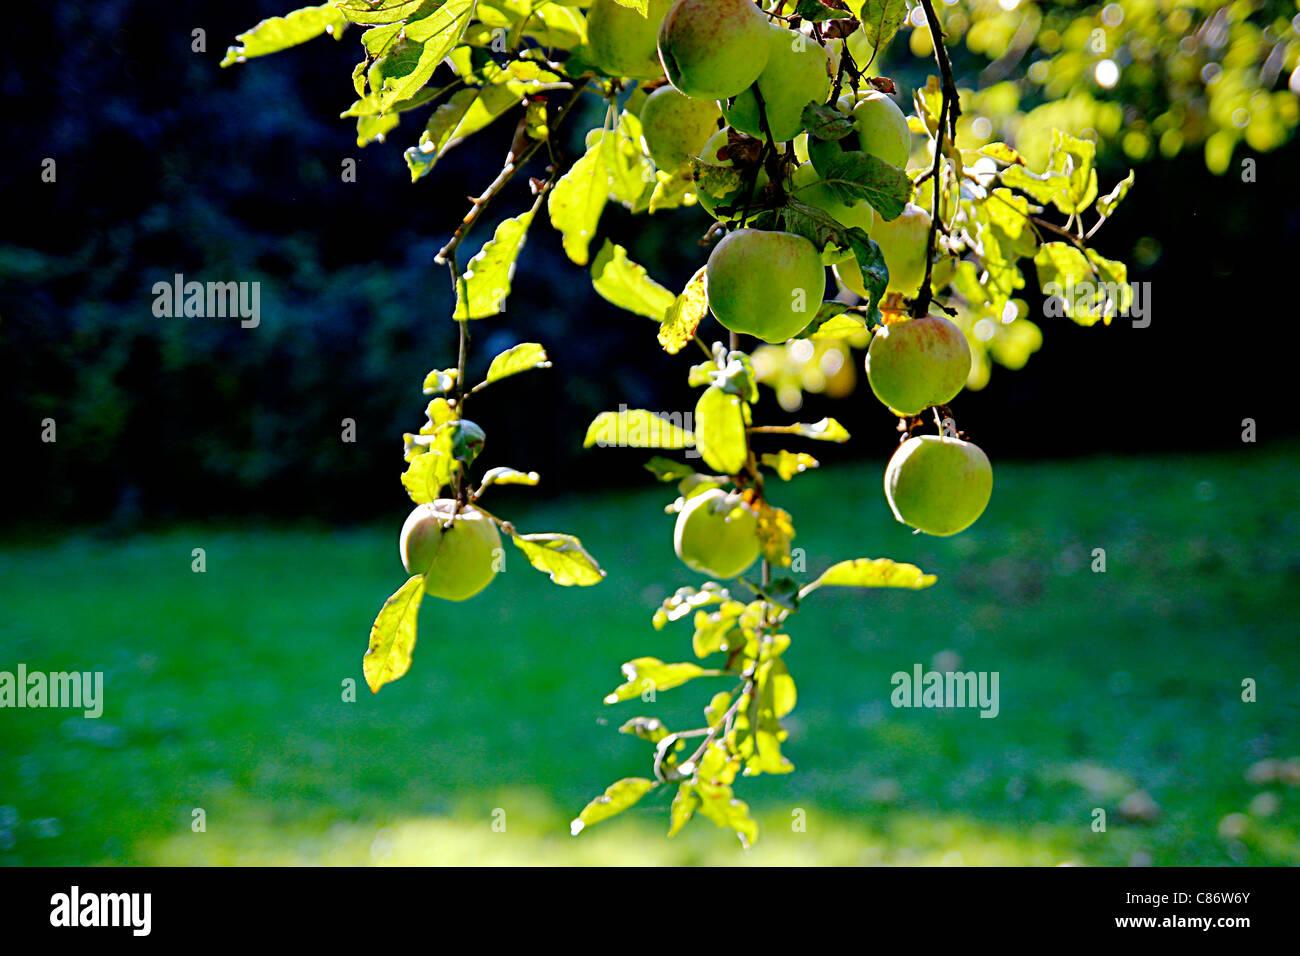 Apple in der Herbstsonne, die Zeit der Ernte darstellt Stockfoto